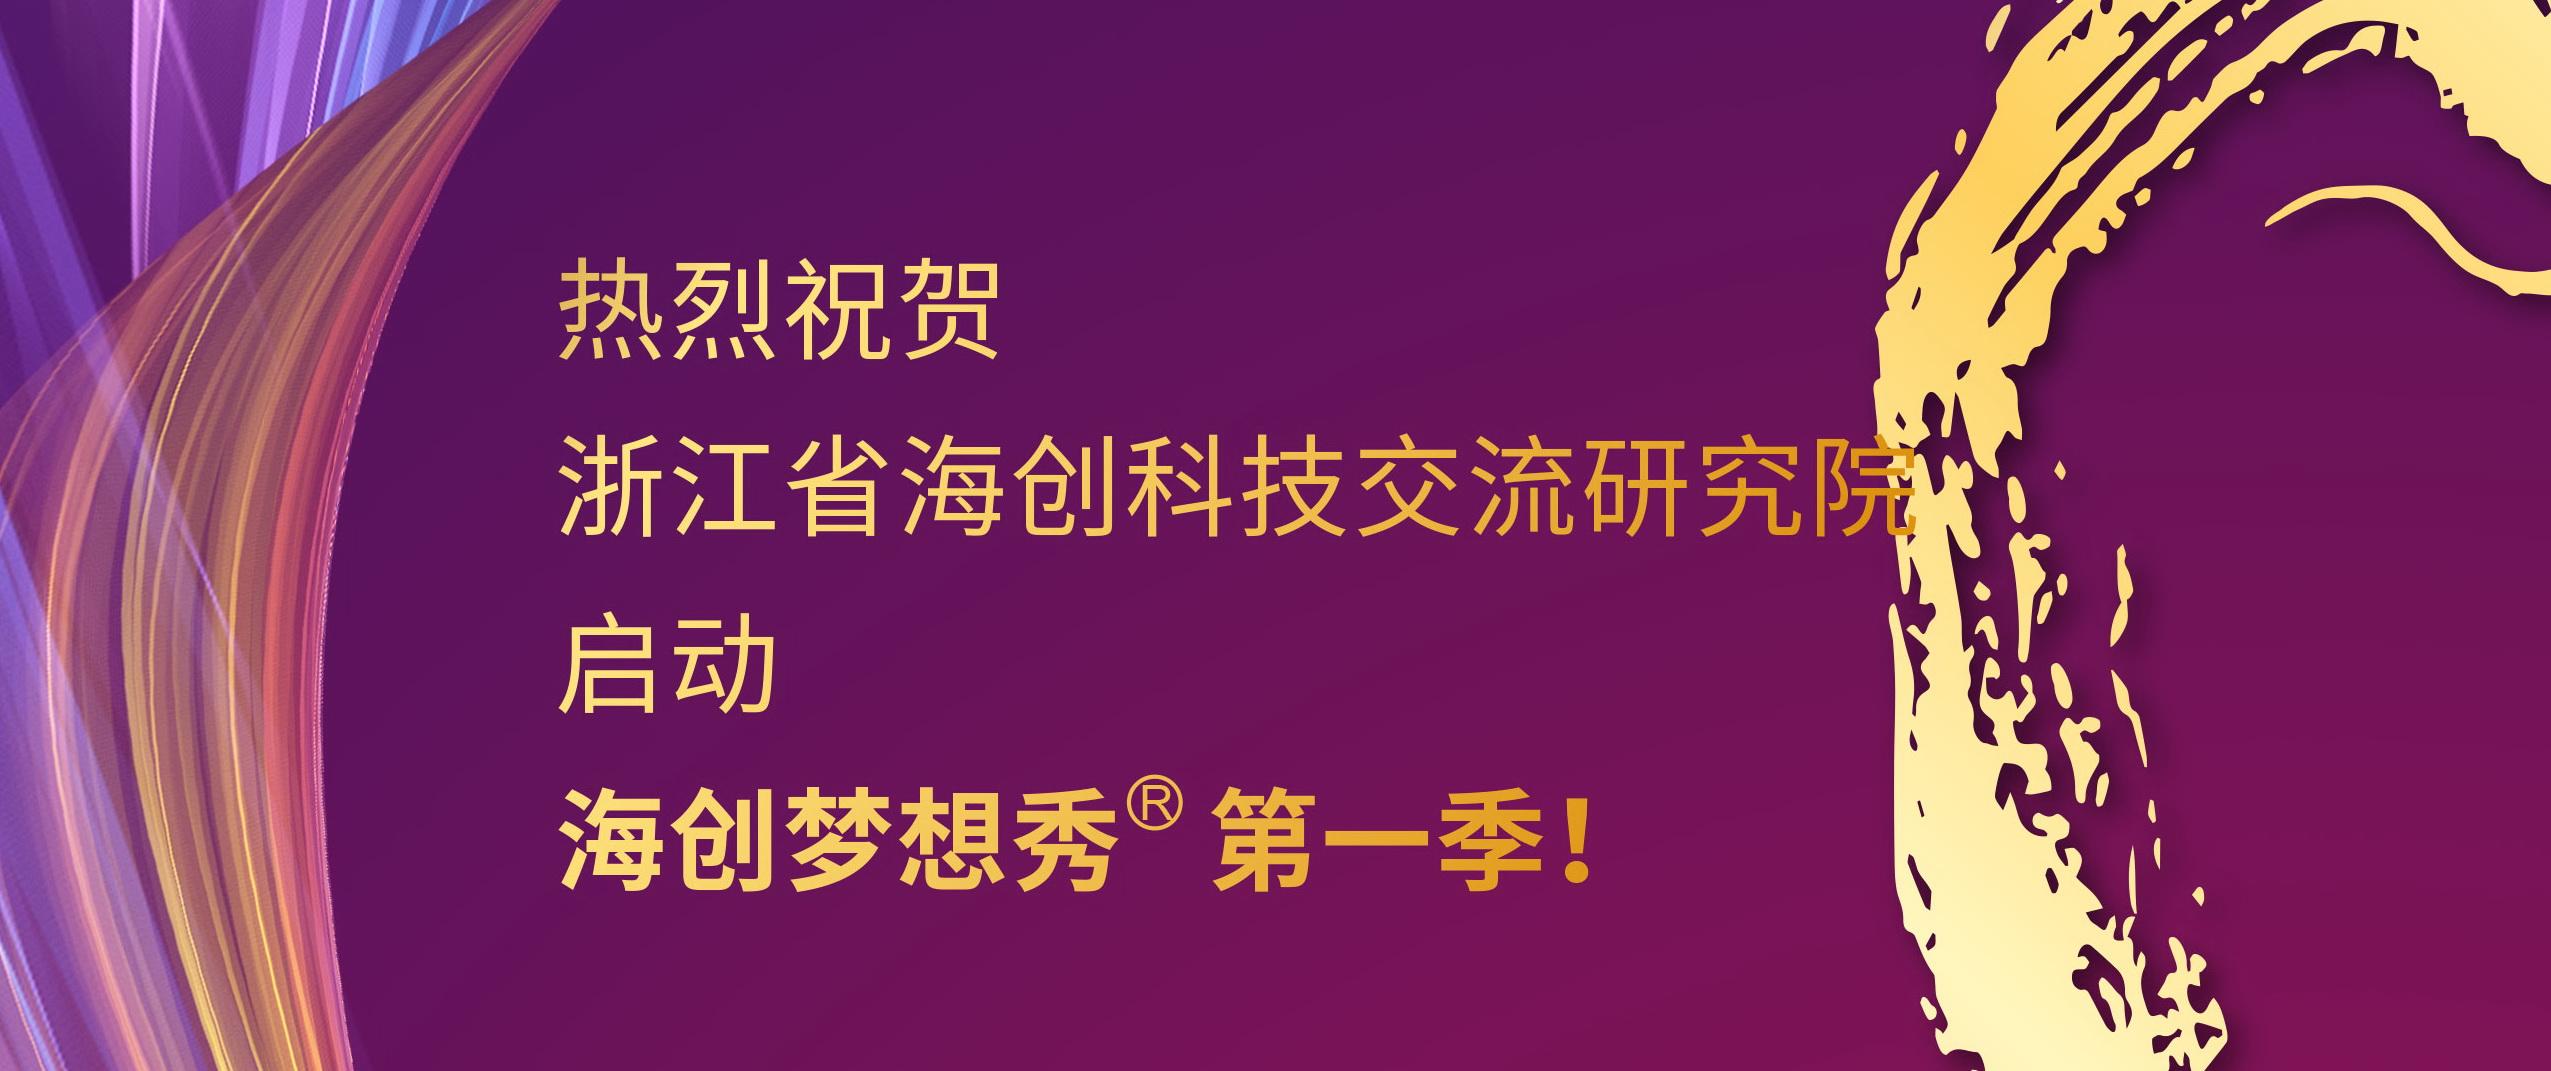 海创梦想秀®第一季启动仪式 暨 中国海归创业服务联盟华东双创中心筹备会议(预告)